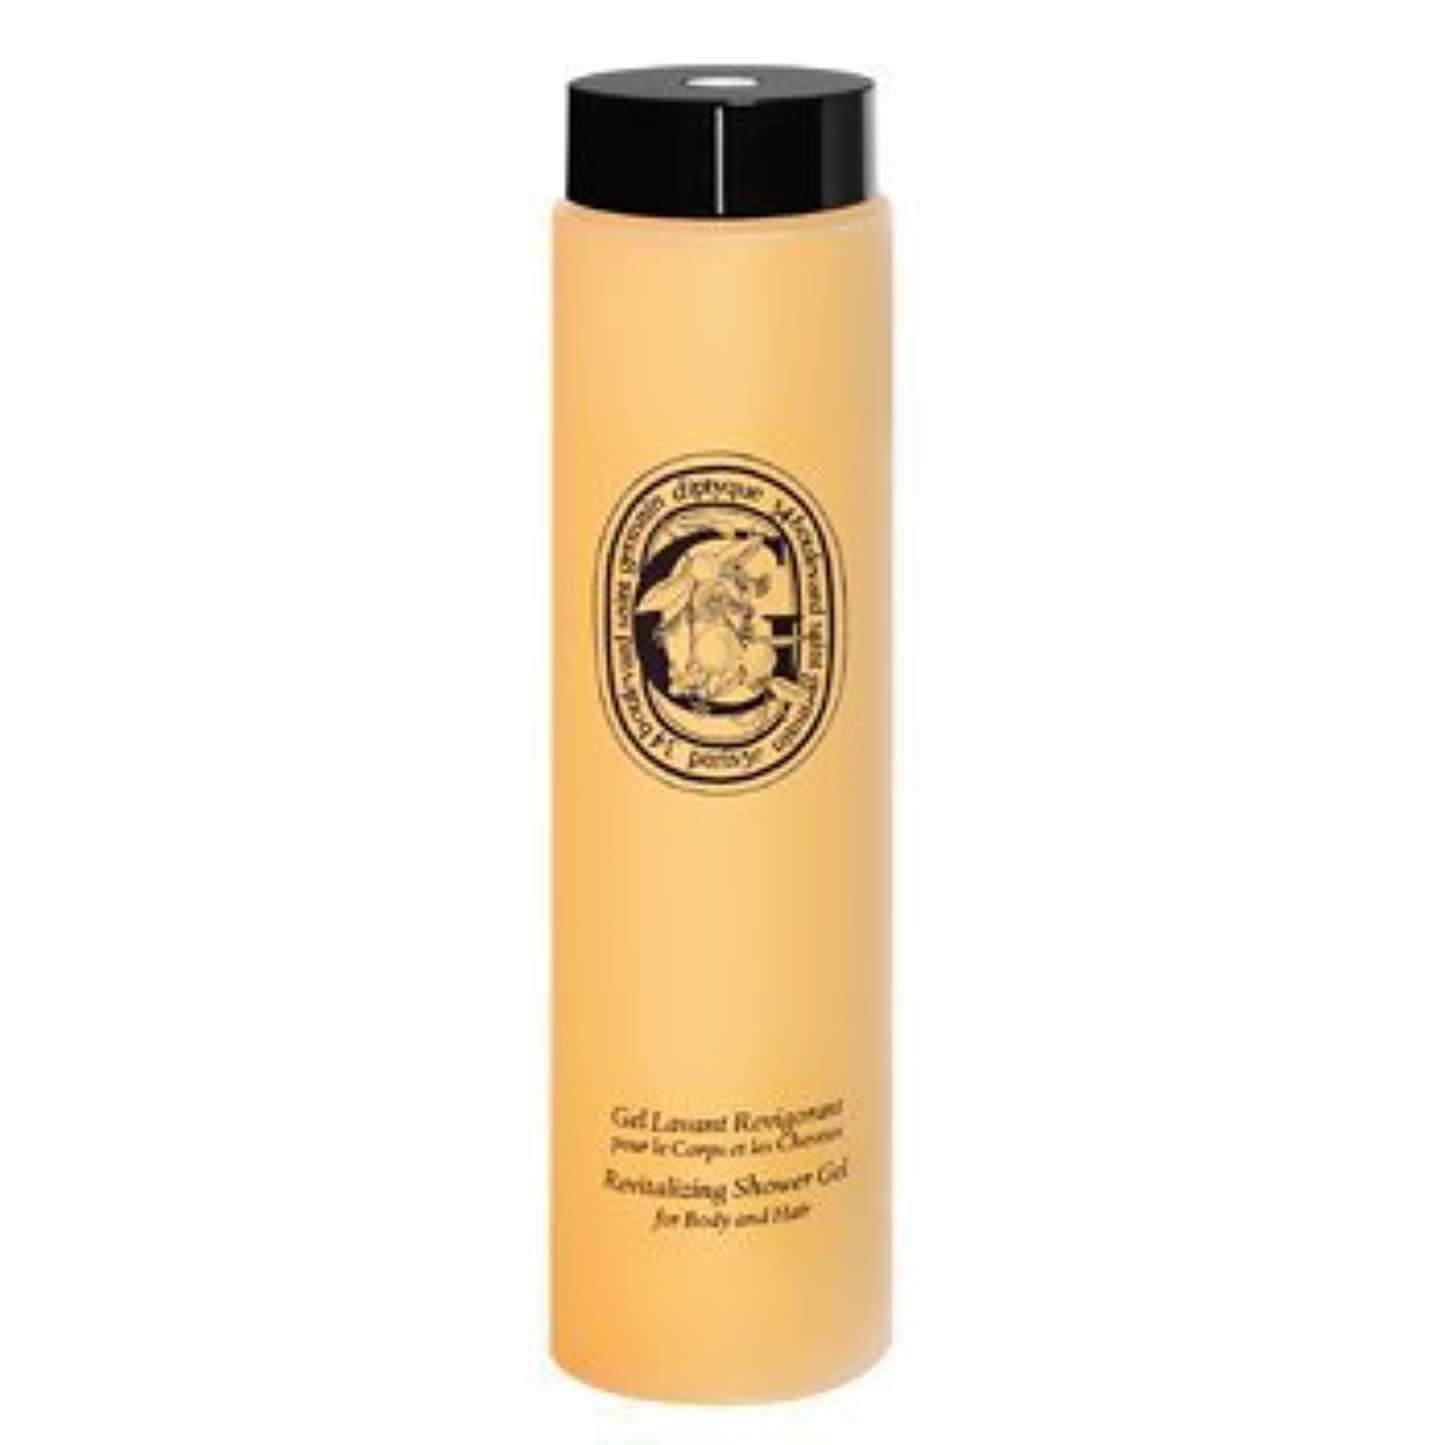 影響売り手コースDiptyque The Art of Body Care Revitalizing Shower Gel Hair & Body-6.8 oz by Diptyque [並行輸入品]